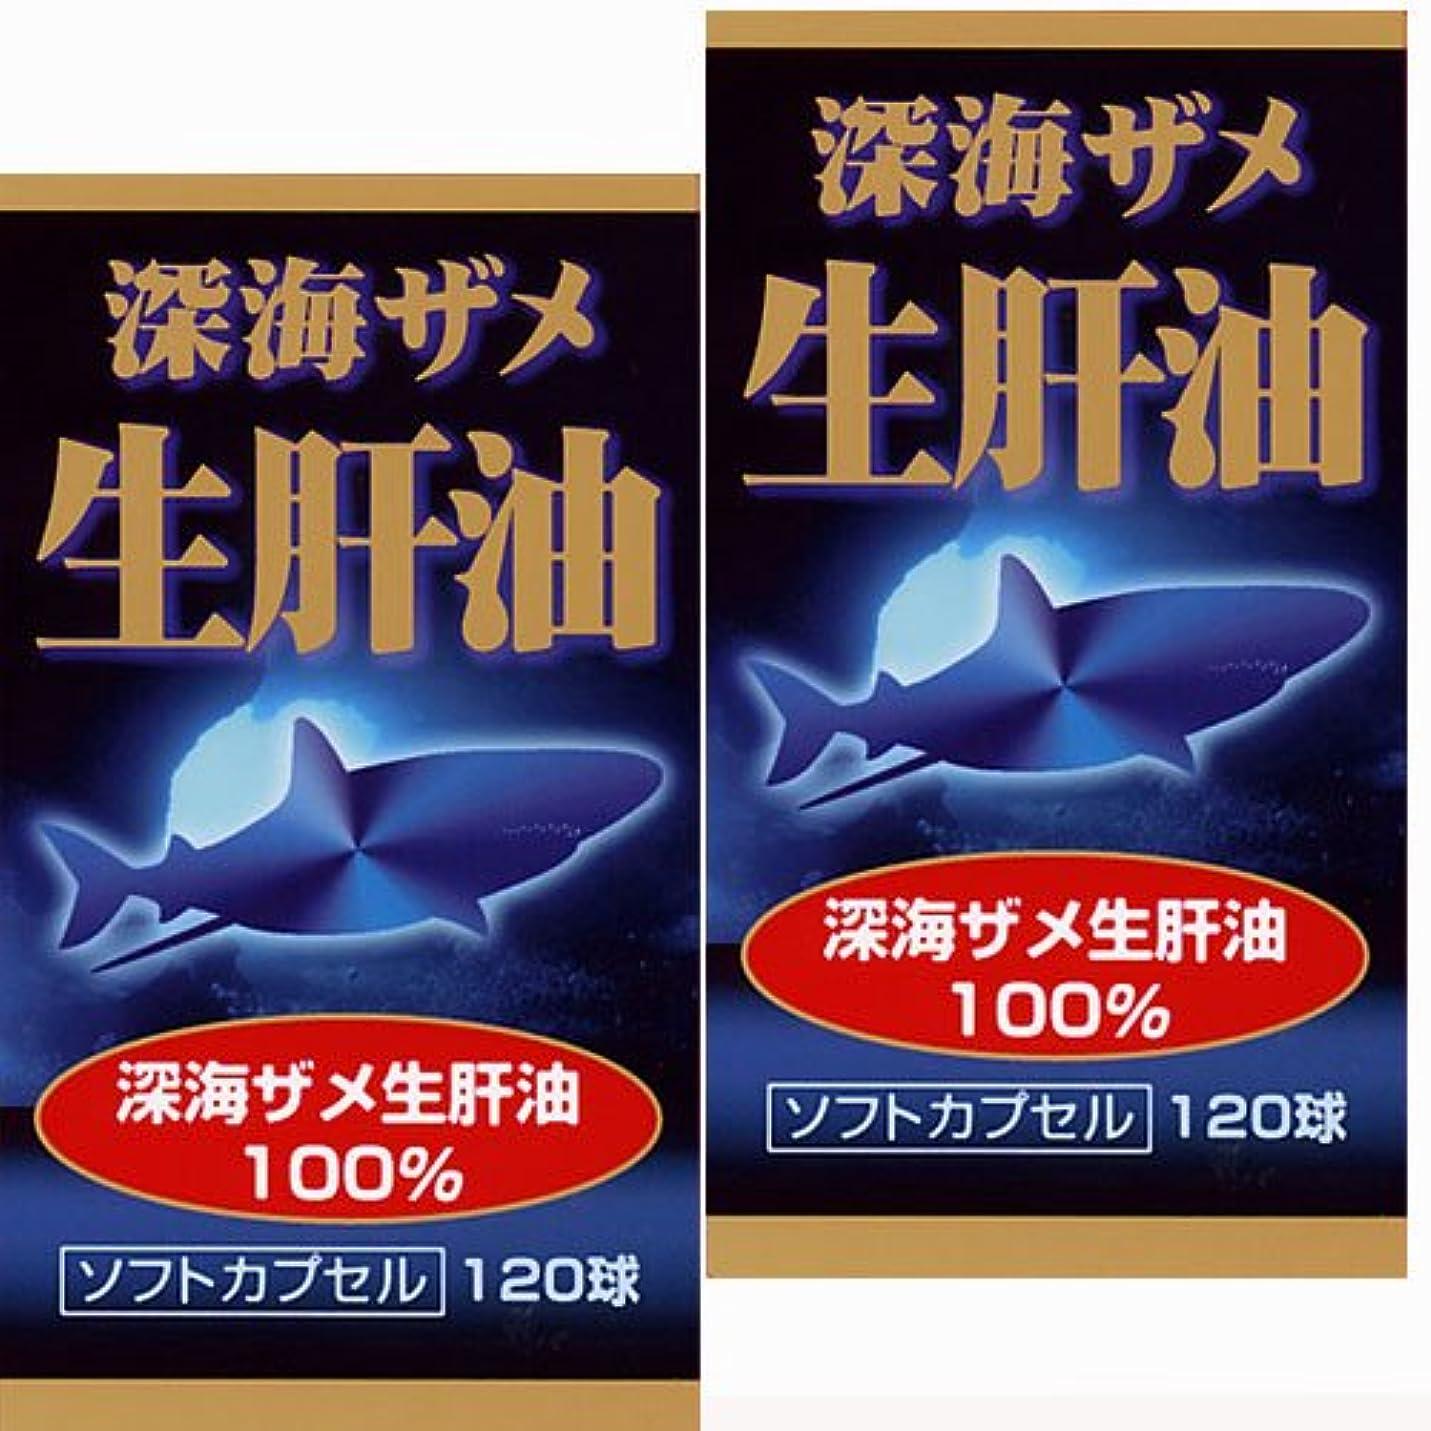 エスカレート指定するニコチン【2個】ユウキ製薬 深海ザメ生肝油 30日分 120球x2個 (4524326201065-2)